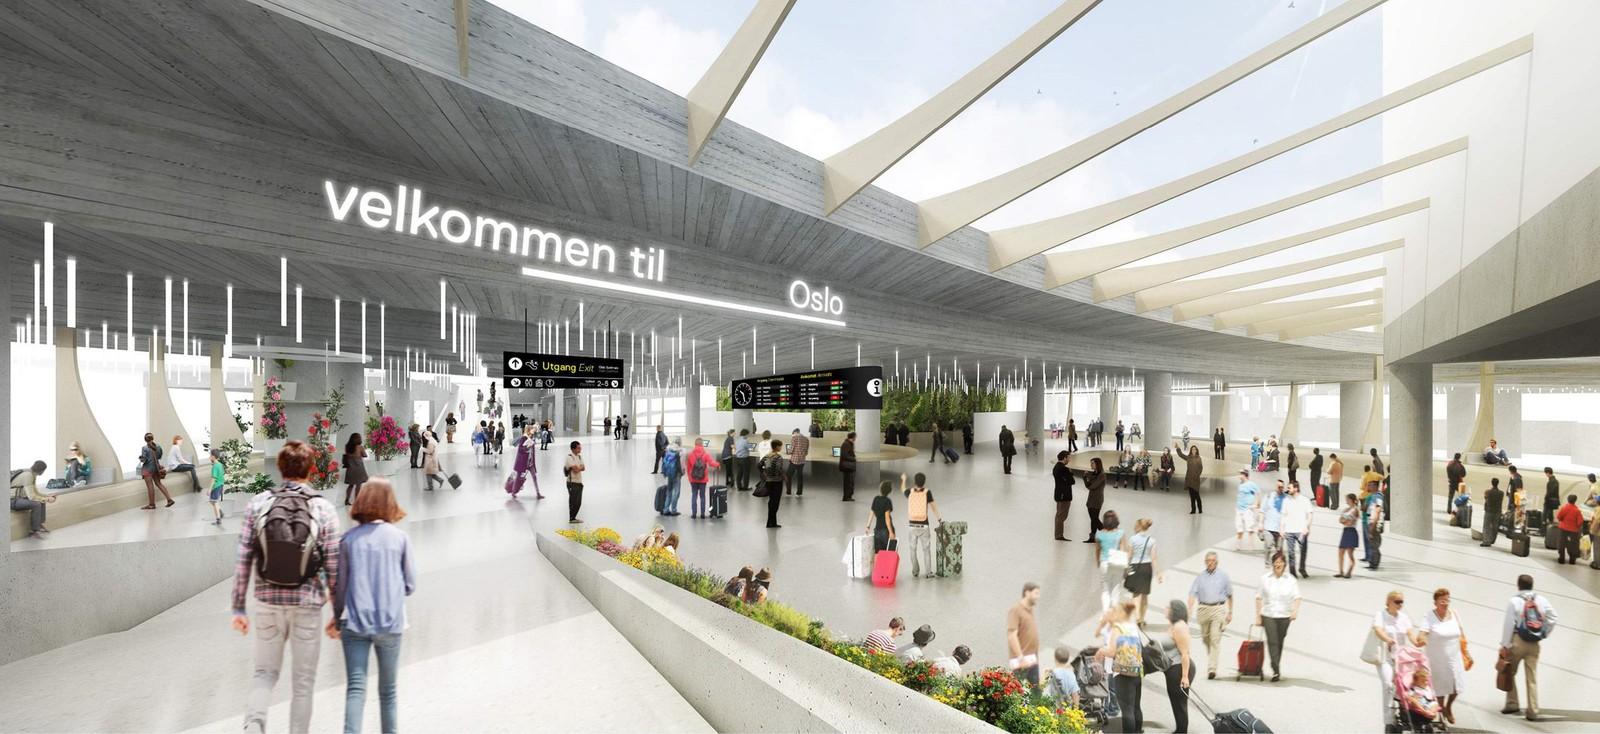 For å gi de reisende mer plass, utvides hjertet i terminalen. Den har fått navnet  «The HUB», som på norsk kan oversettes til Knutepunktet.